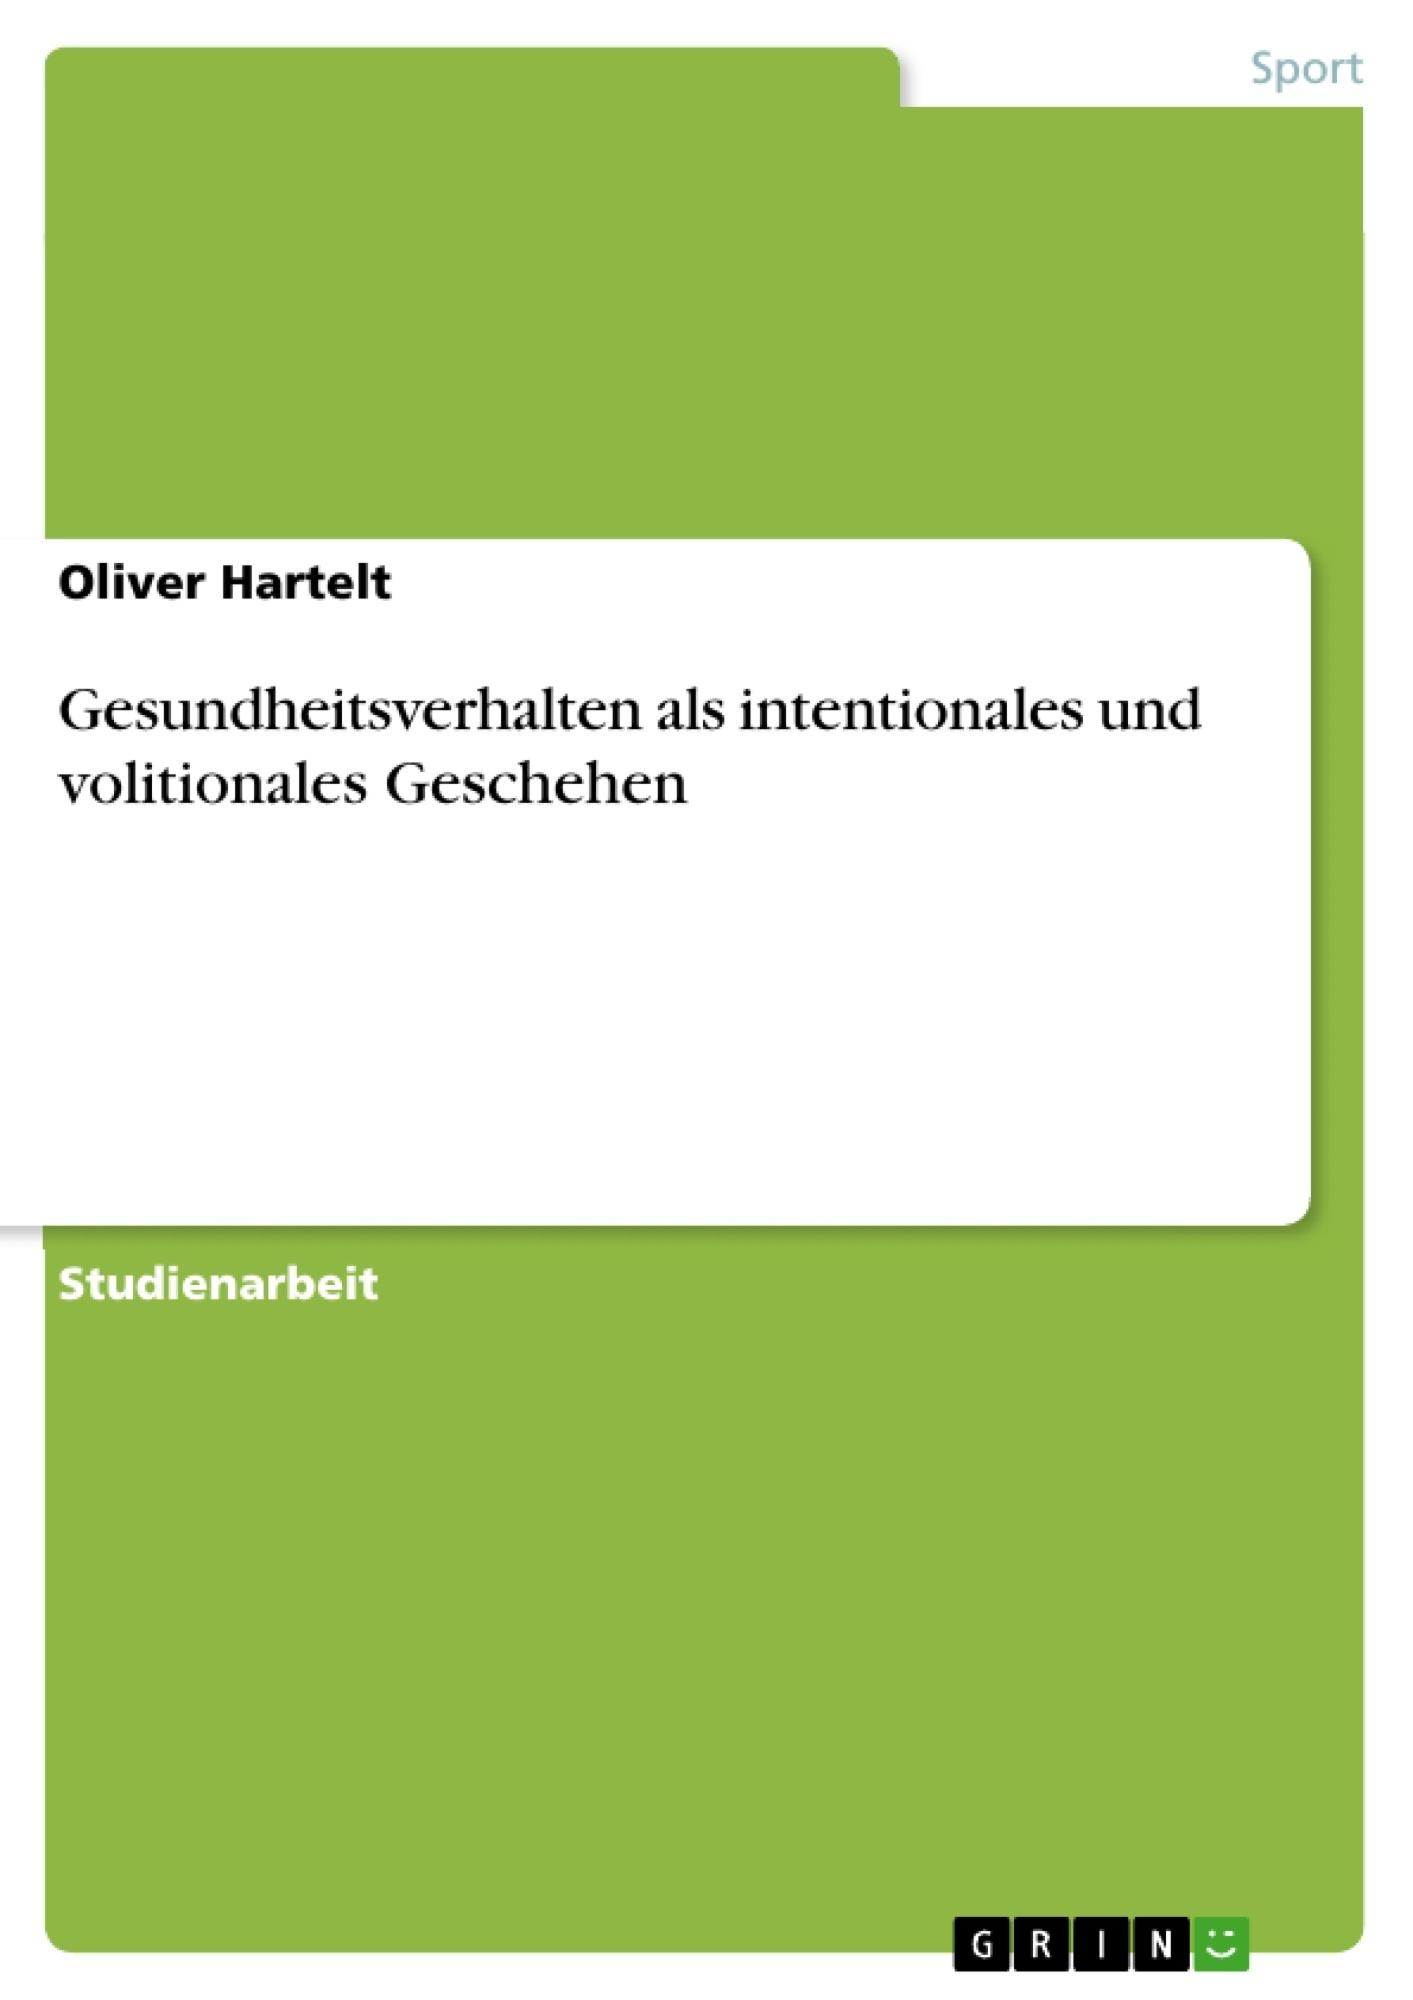 Titel: Gesundheitsverhalten als intentionales und volitionales Geschehen